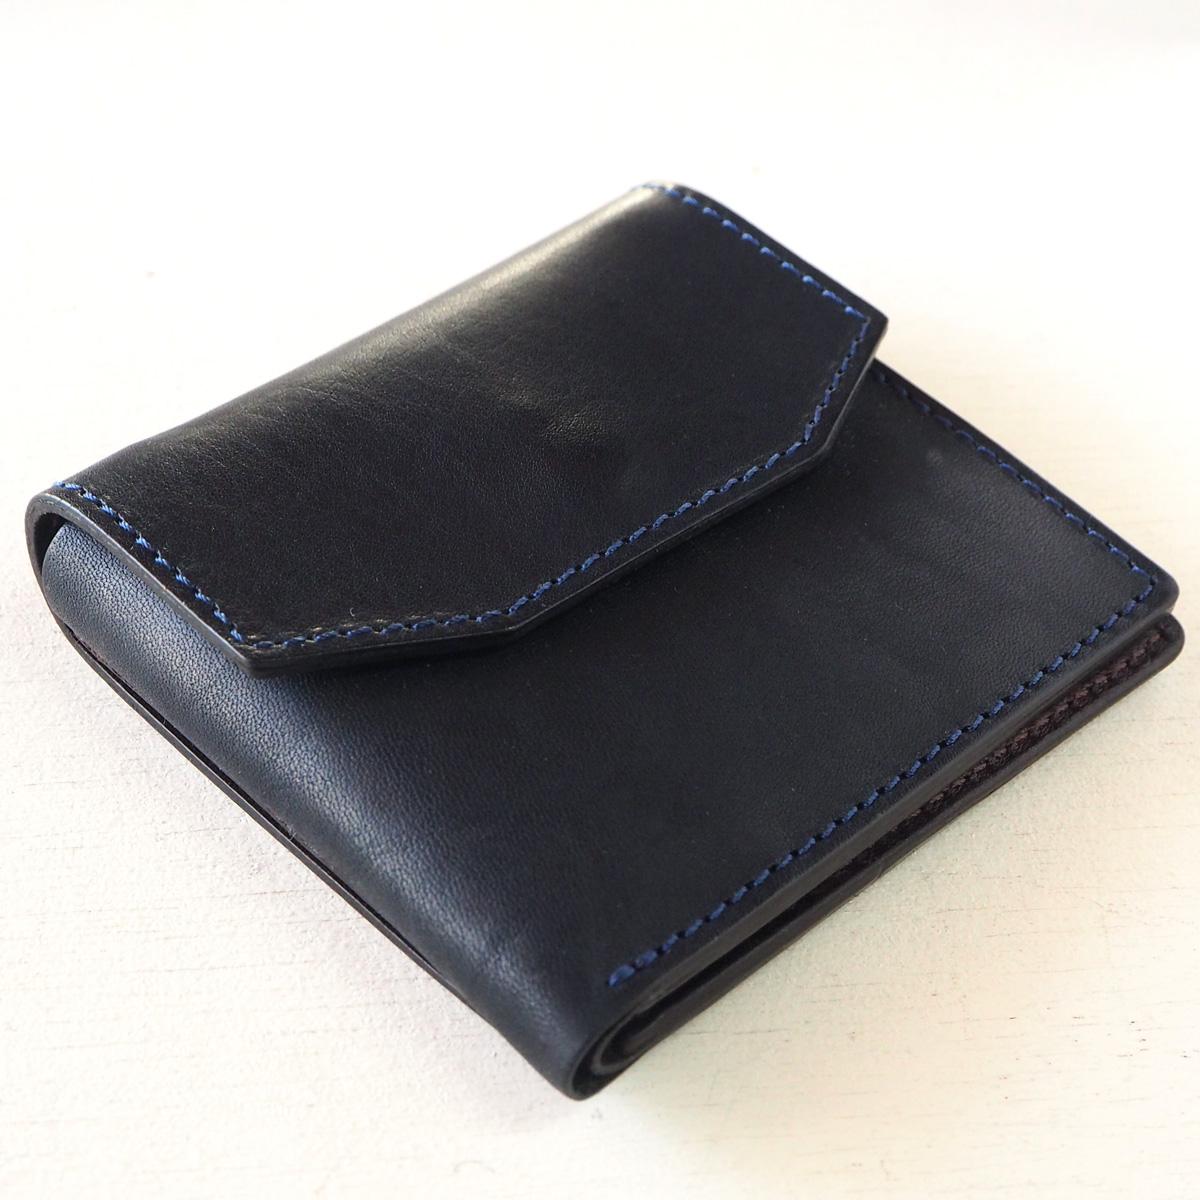 ANNAK(アナック) 栃木レザー コンパクト二つ折り ギャルソンウォレット オールレザー ネイビー[AK16TA-B0054-NVY] 2つ折り財布 レザーウォレット 革財布 革製品 革小物